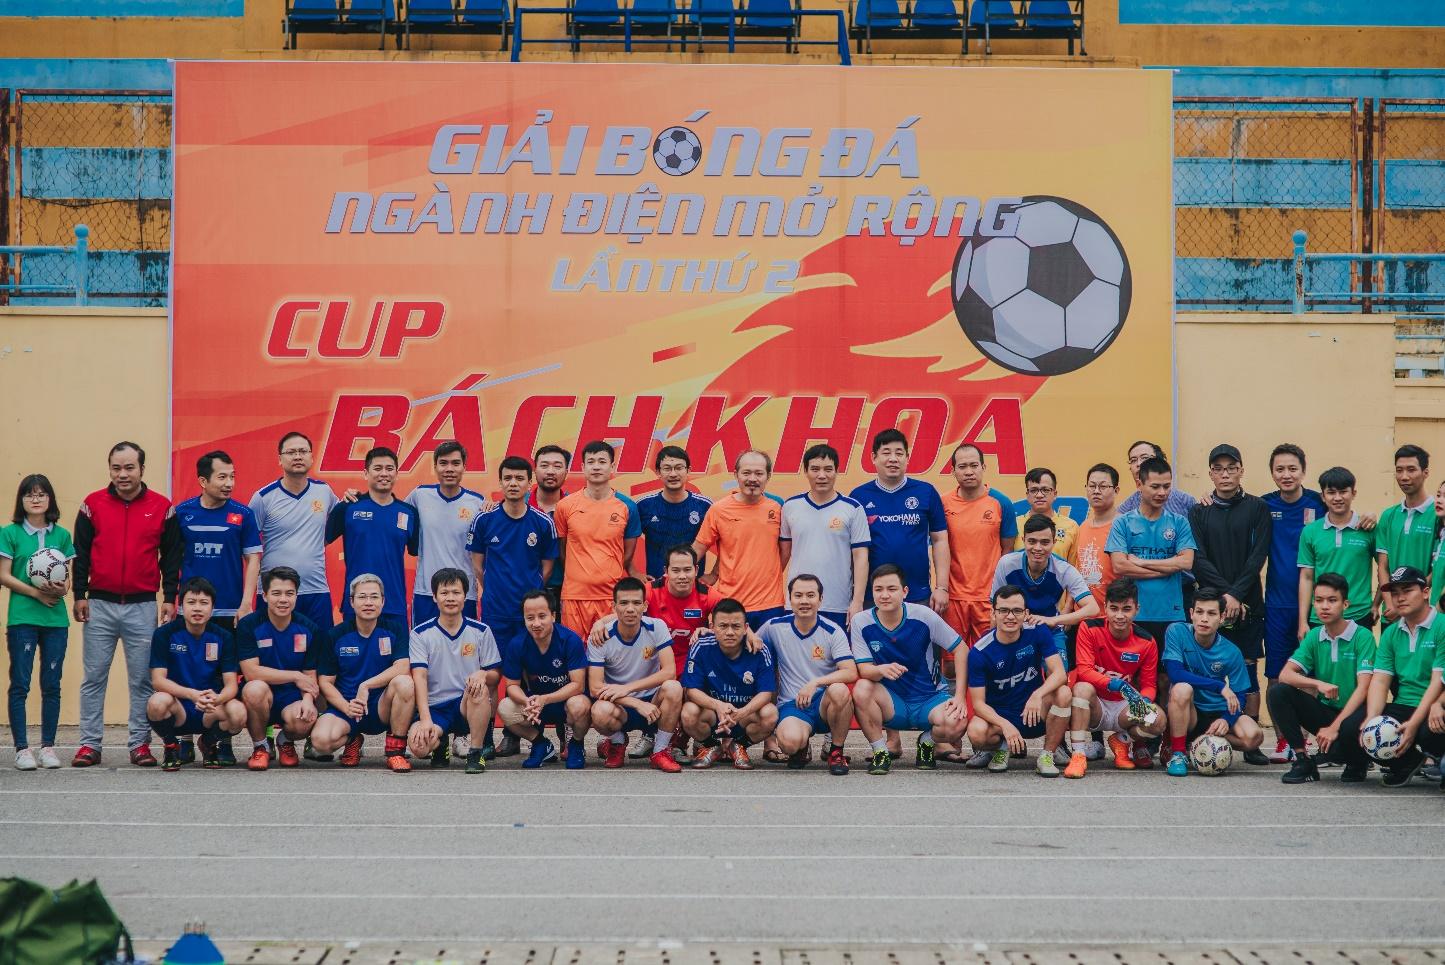 Giải bóng đá ngành Điện các trường đại học khu vực Hà Nội lần thứ II, 2019